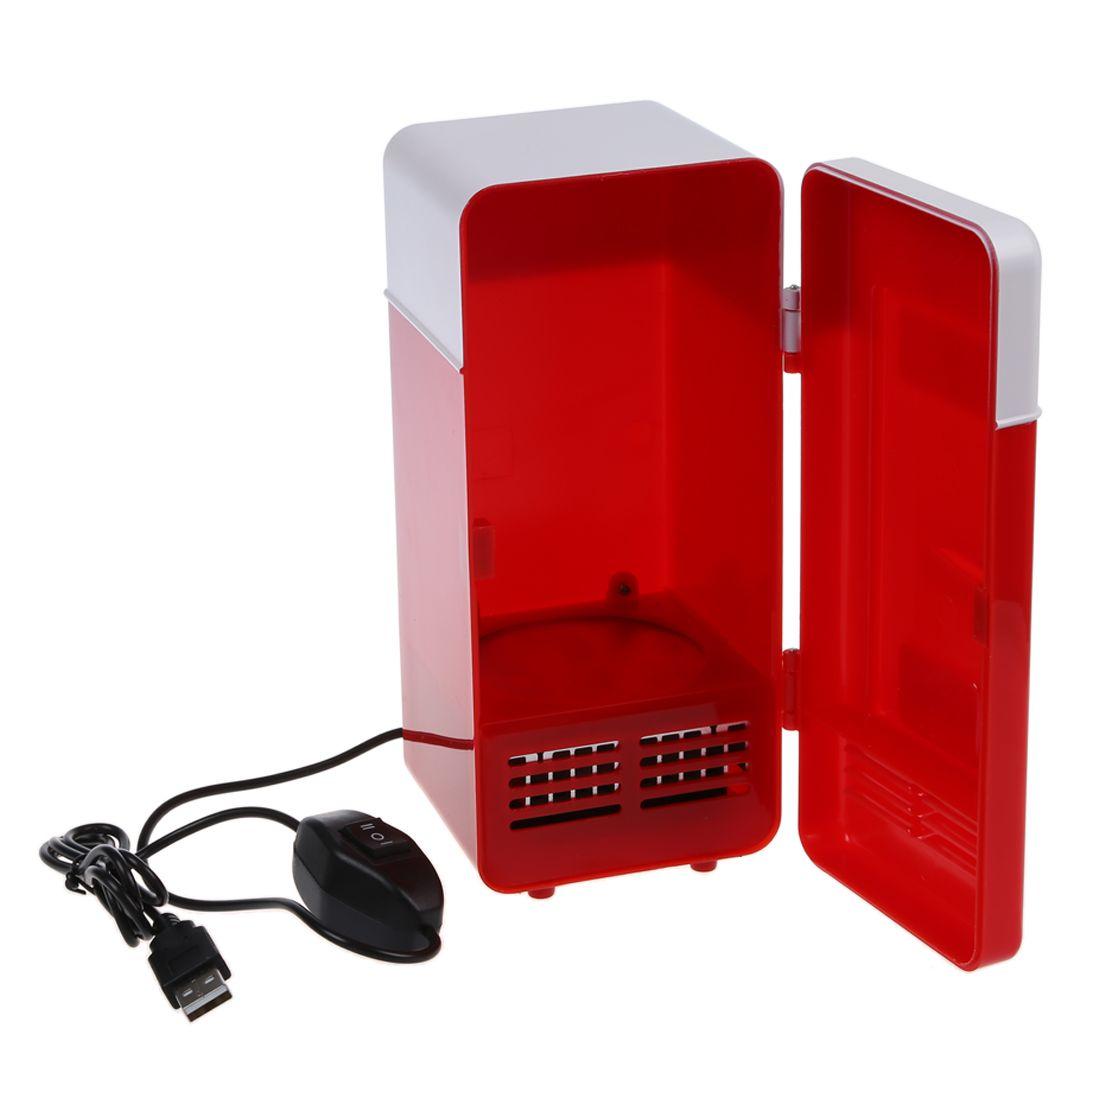 Desktop Mini Kühlschrank USB Gadget Getränke Dosen Kühler Wärmer Kühlschrank Mit Interne LED Licht Auto Verwenden Mini Kühlschrank